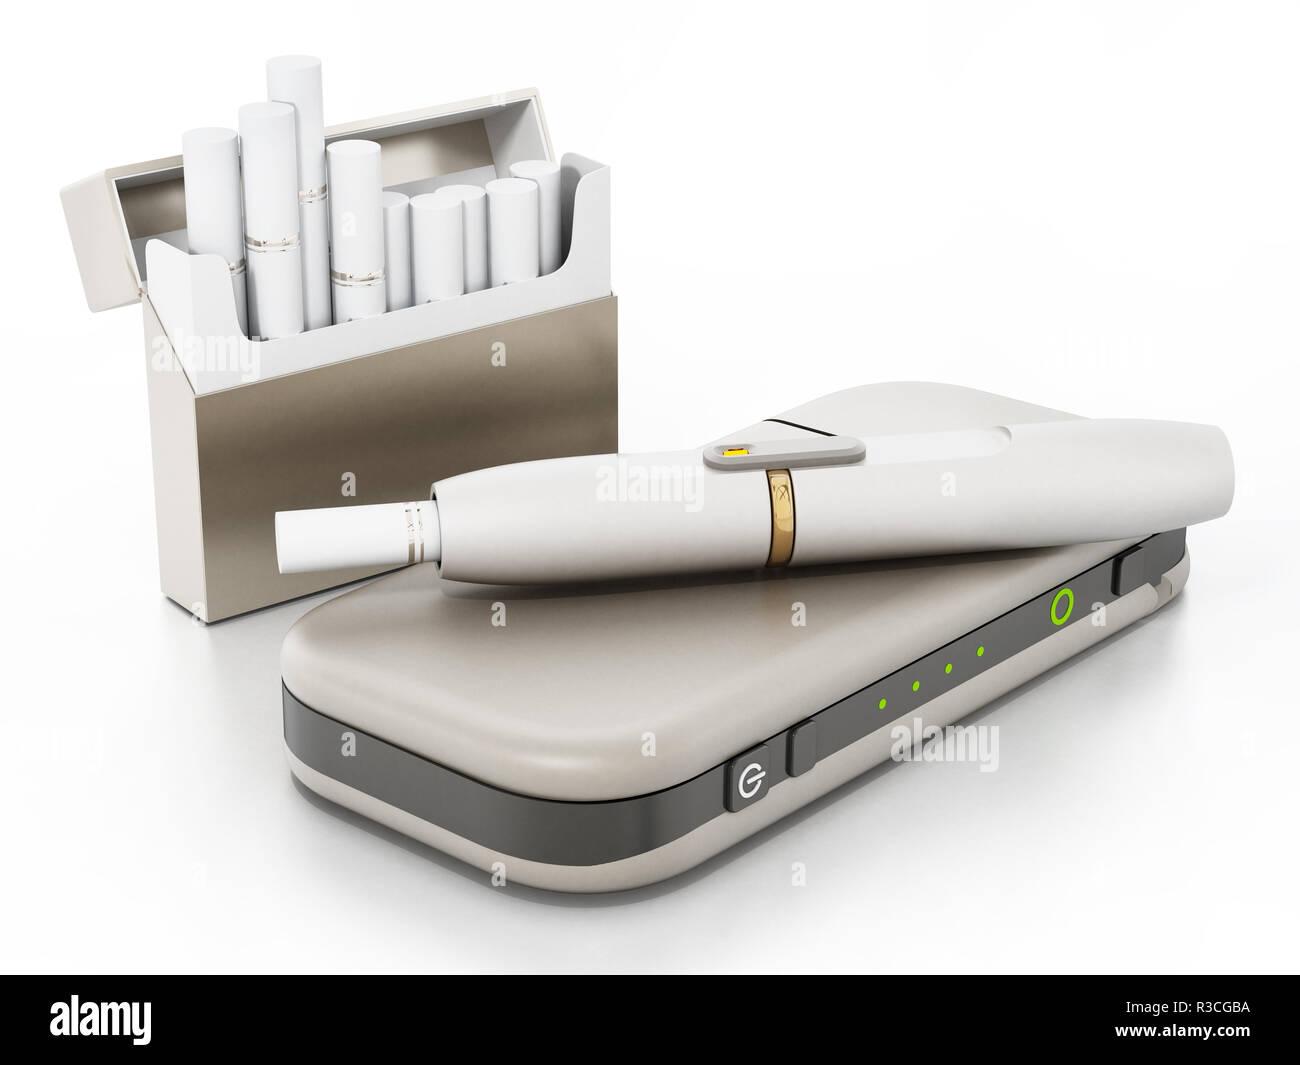 Electronic cigarette set isolated on white background. 3D illustration. - Stock Image